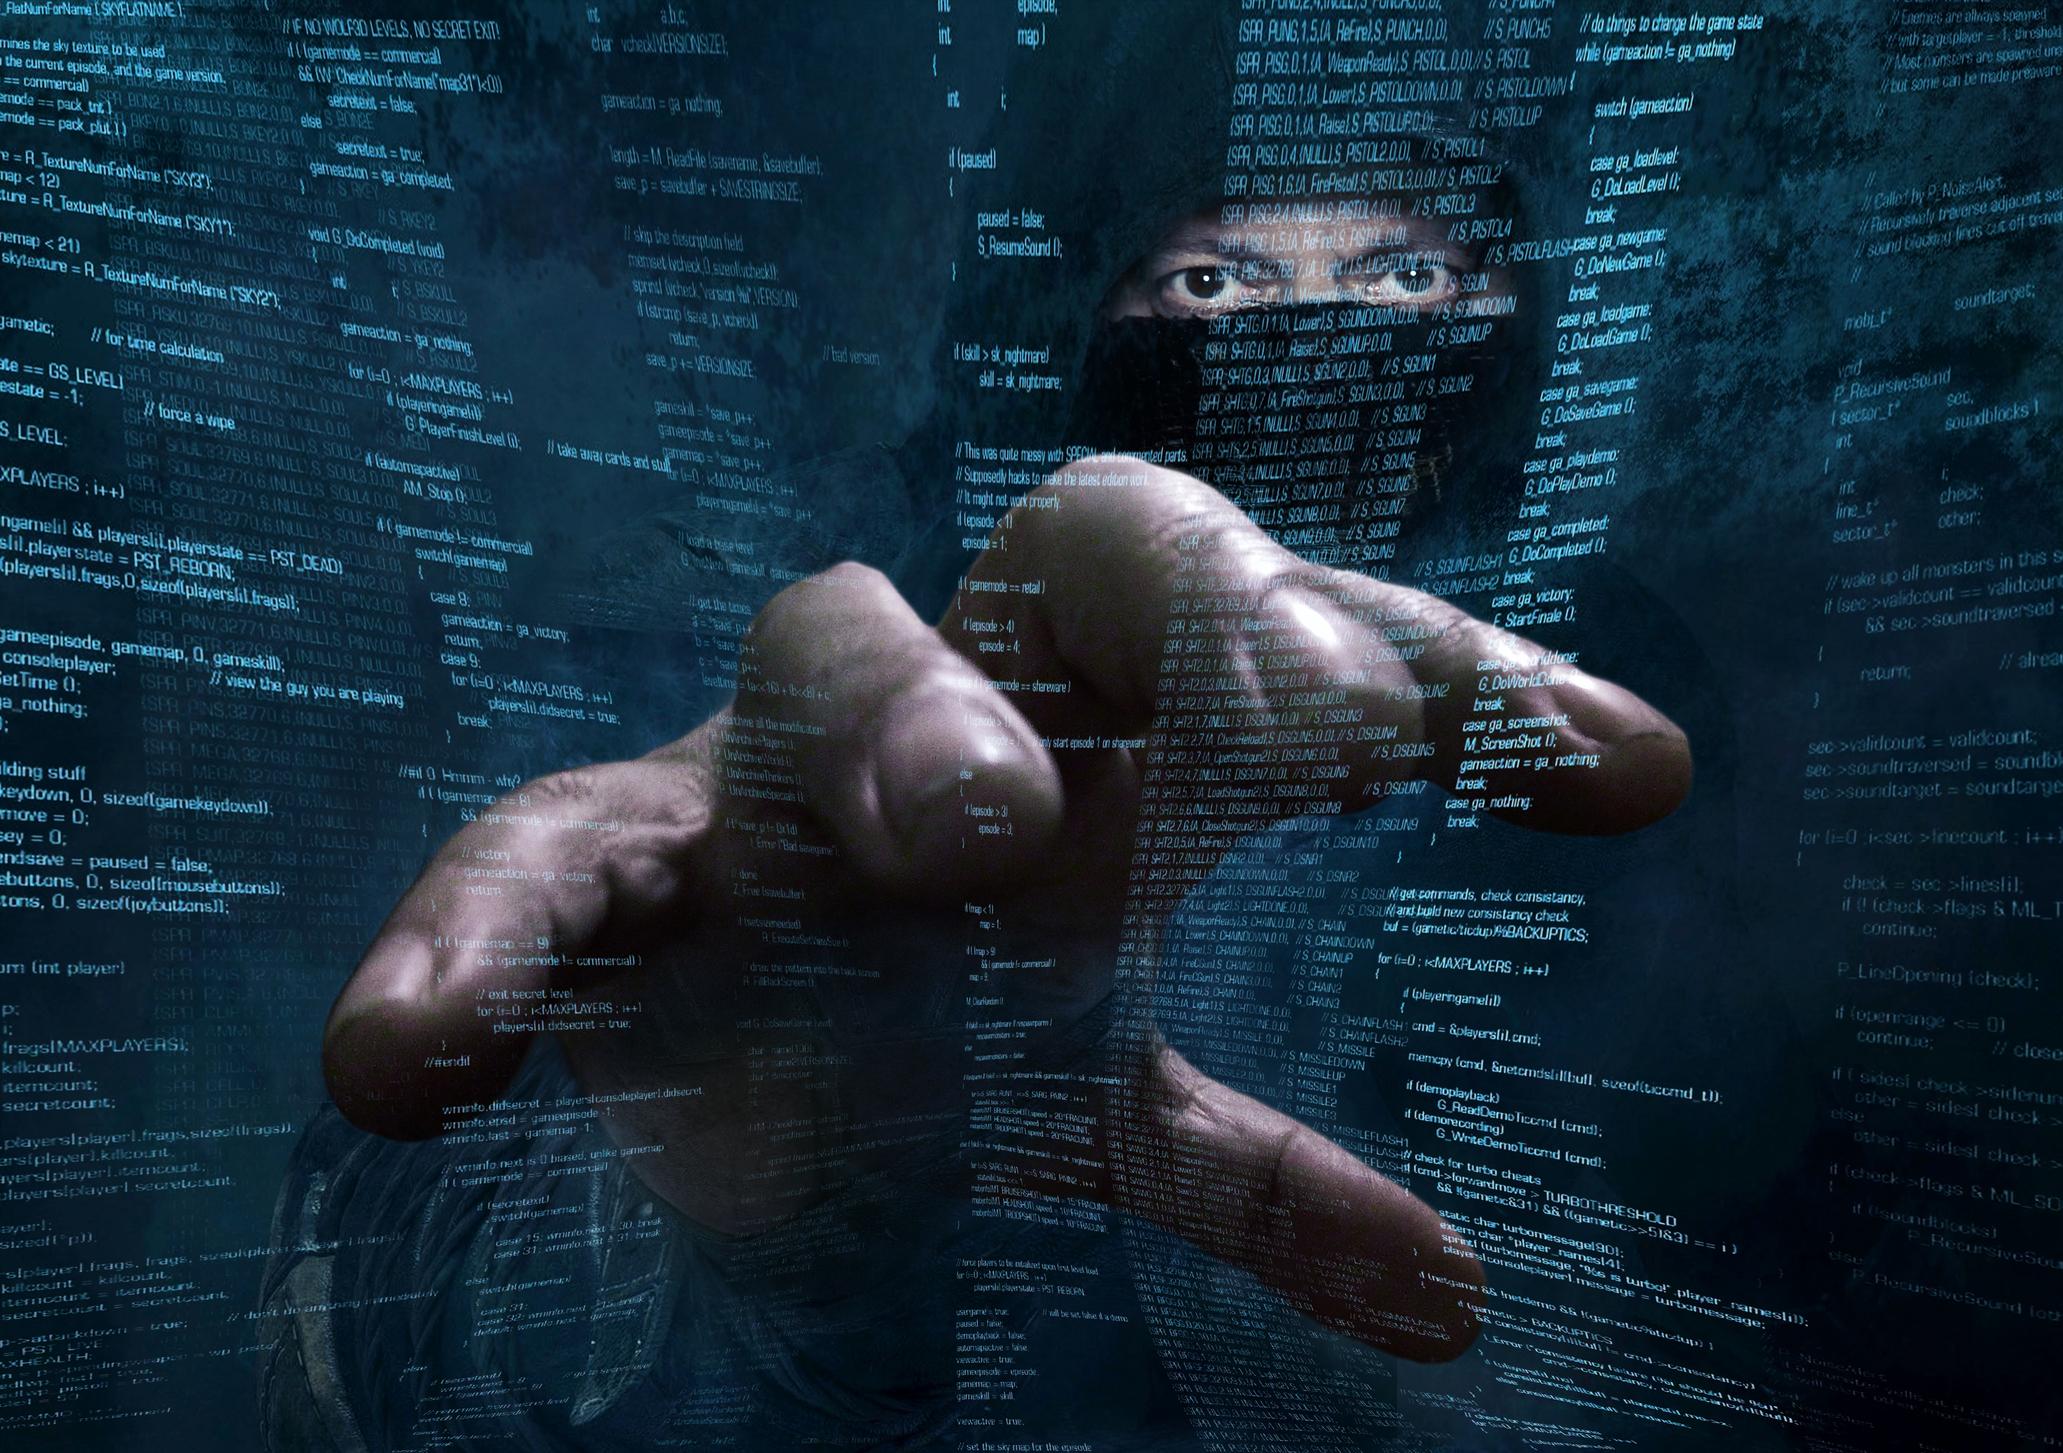 global-cyber-crime.jpg